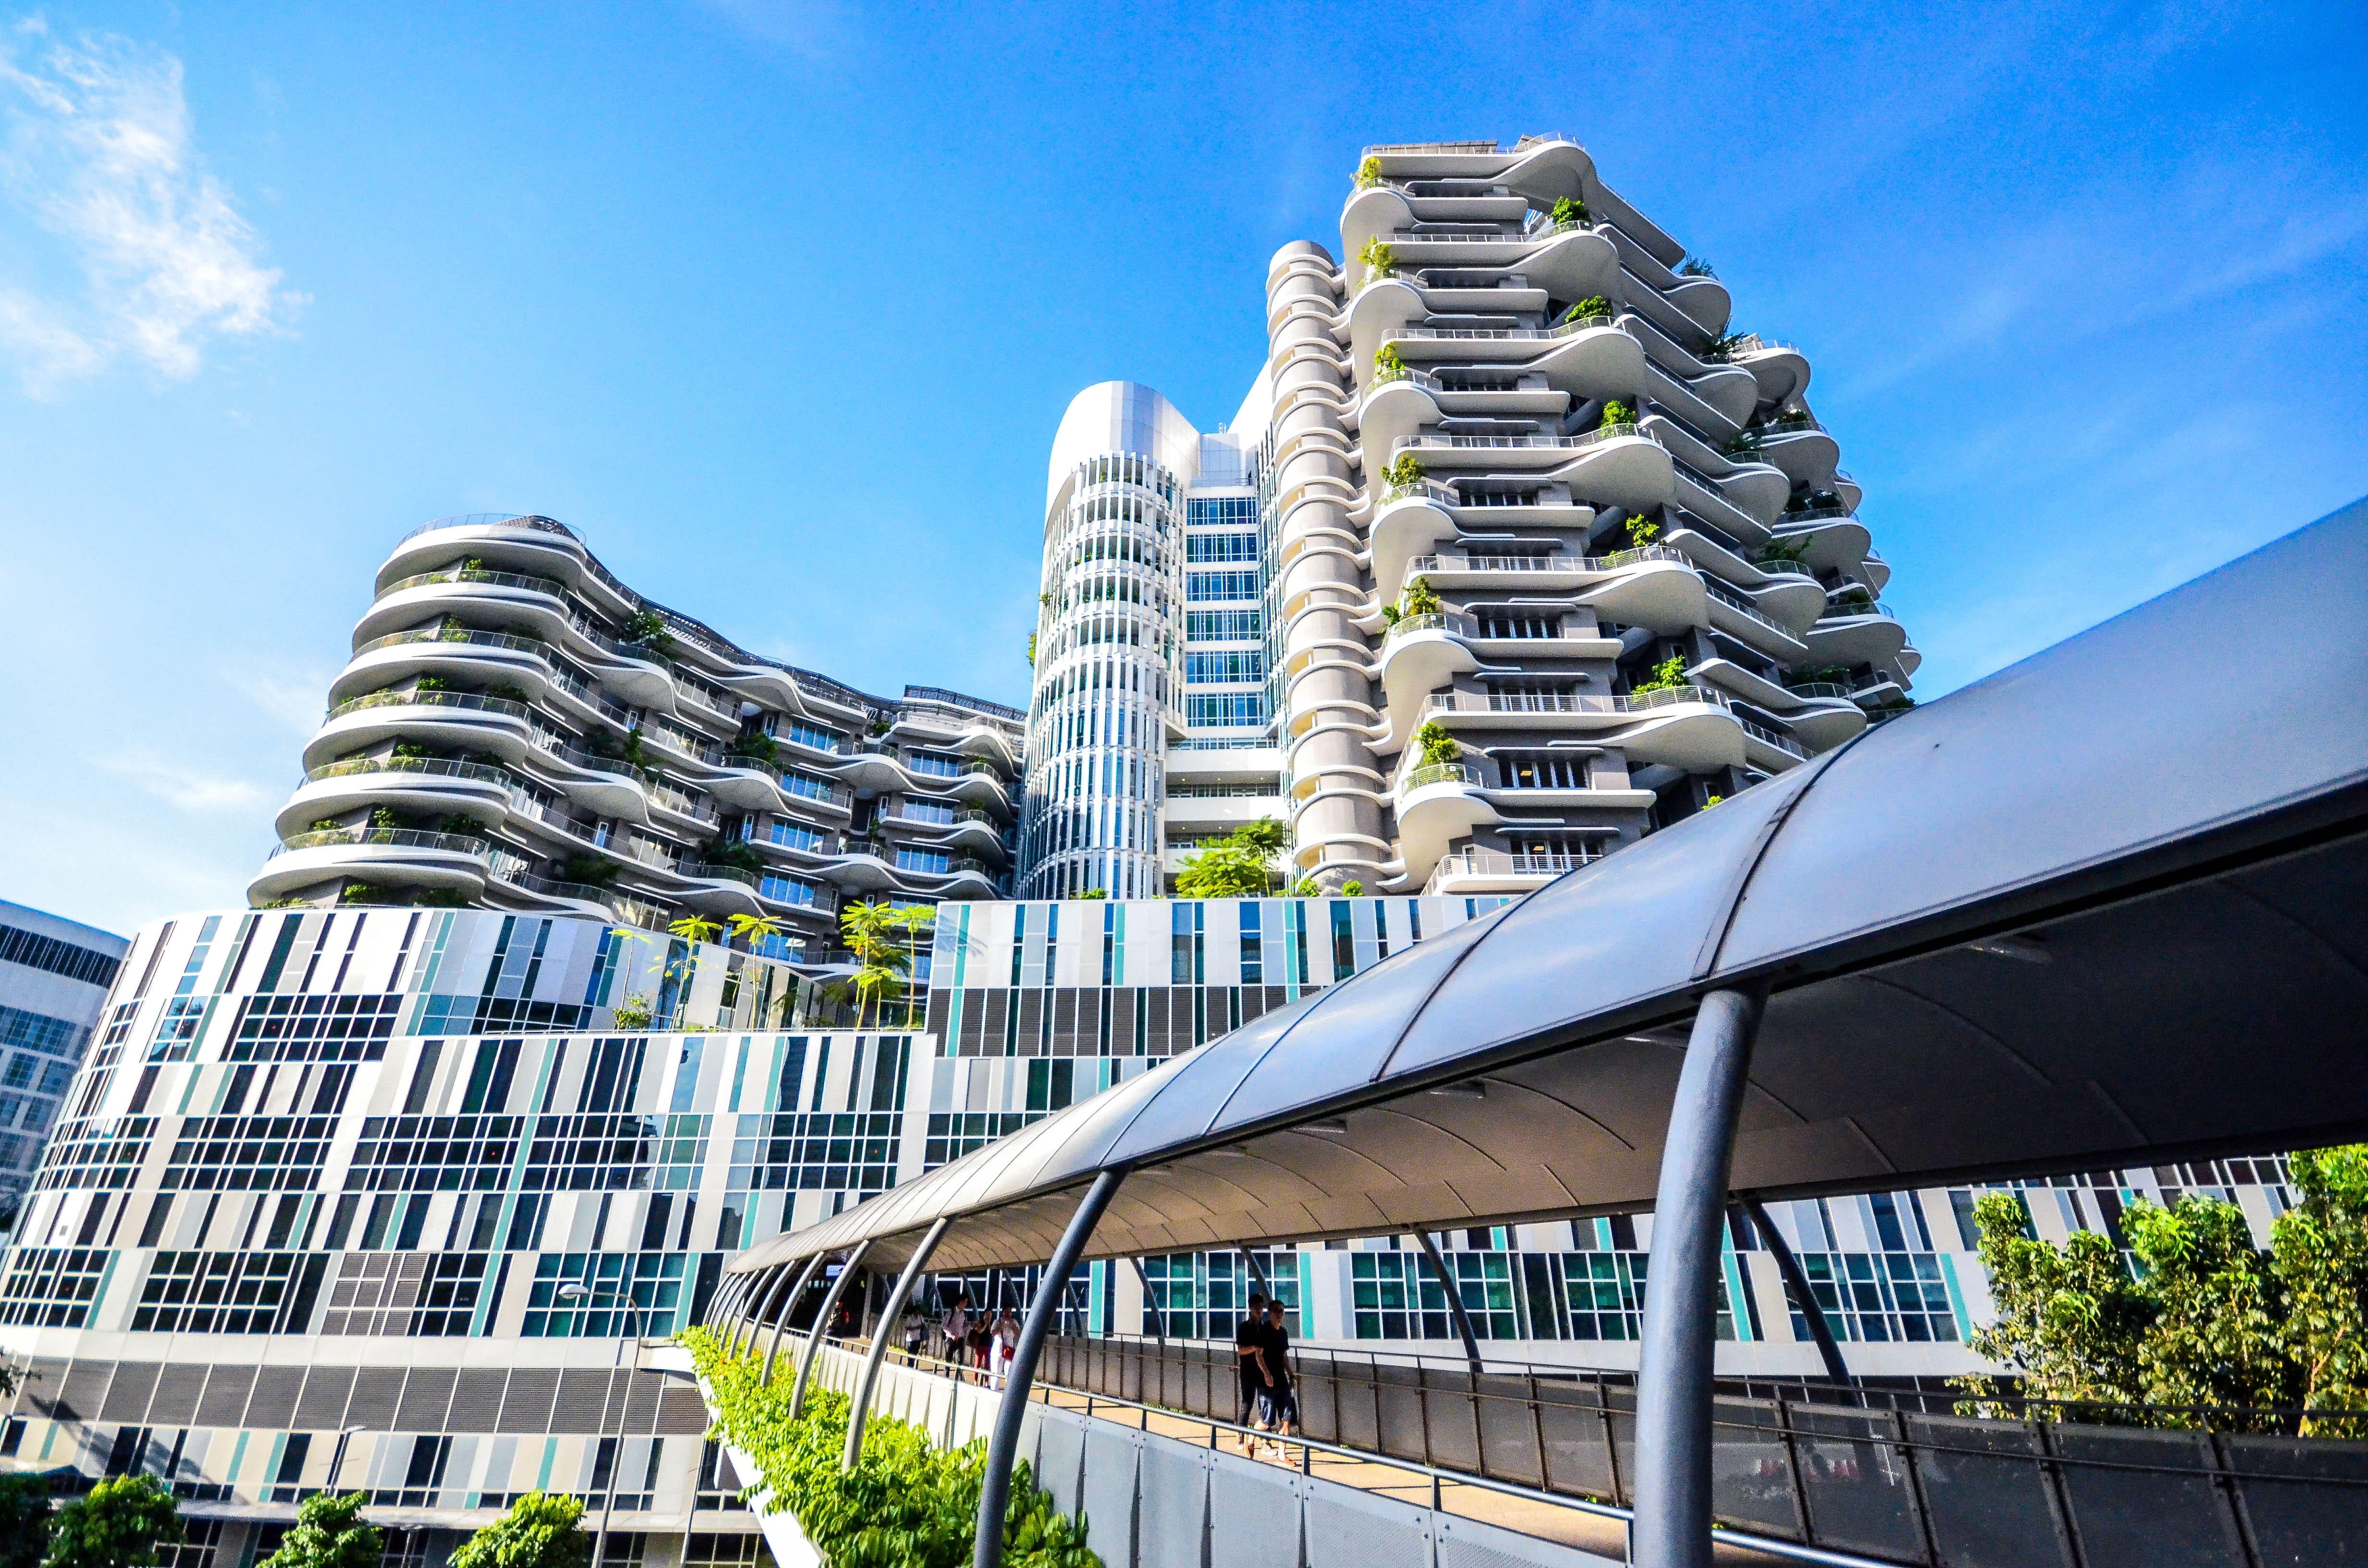 Crowdfunding immobilier et rentabilité